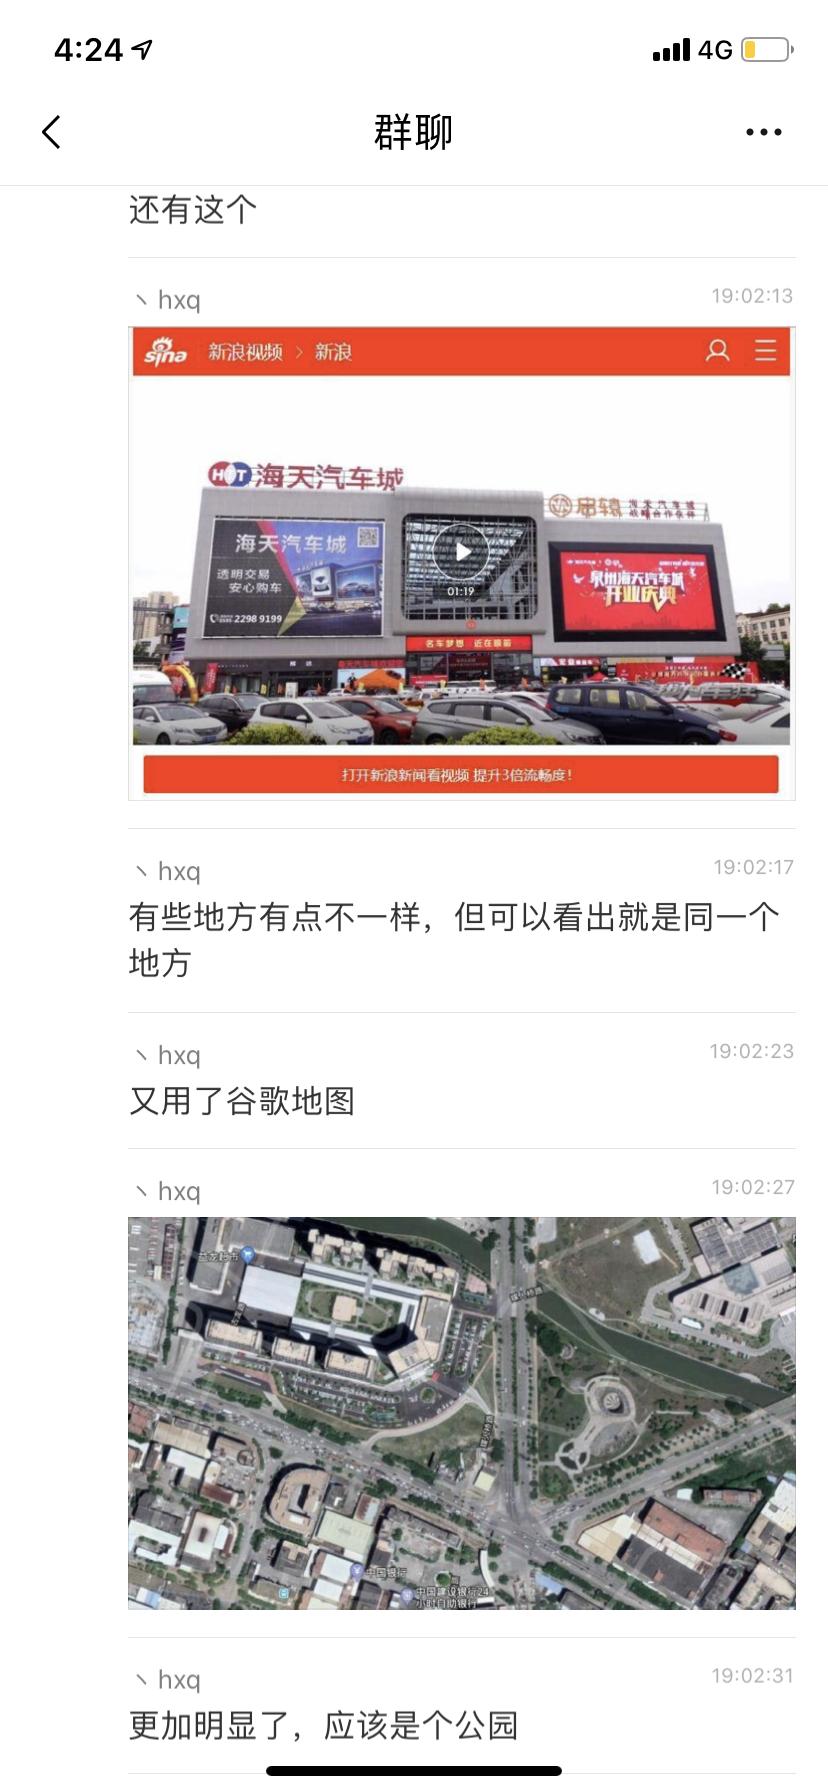 """福利姬""""快点亲亲我吖""""拍照秀美图被侦查破解住址!-sao-『游乐宫』Youlegong.com 第9张"""